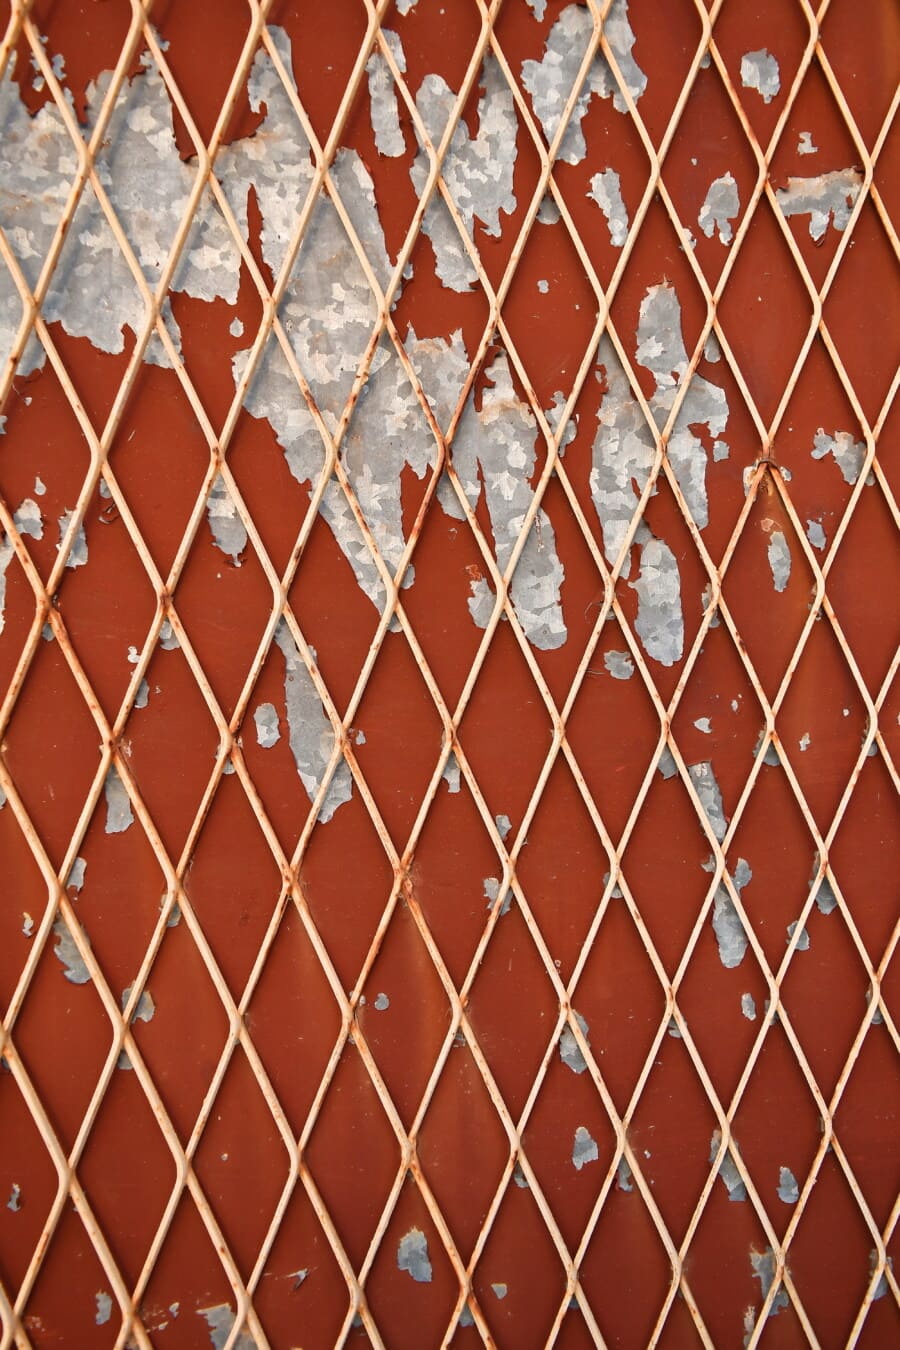 Zaun, rötlich, malen, Rost, Verfall, Barriere, Design, Muster, Textur, Stahl